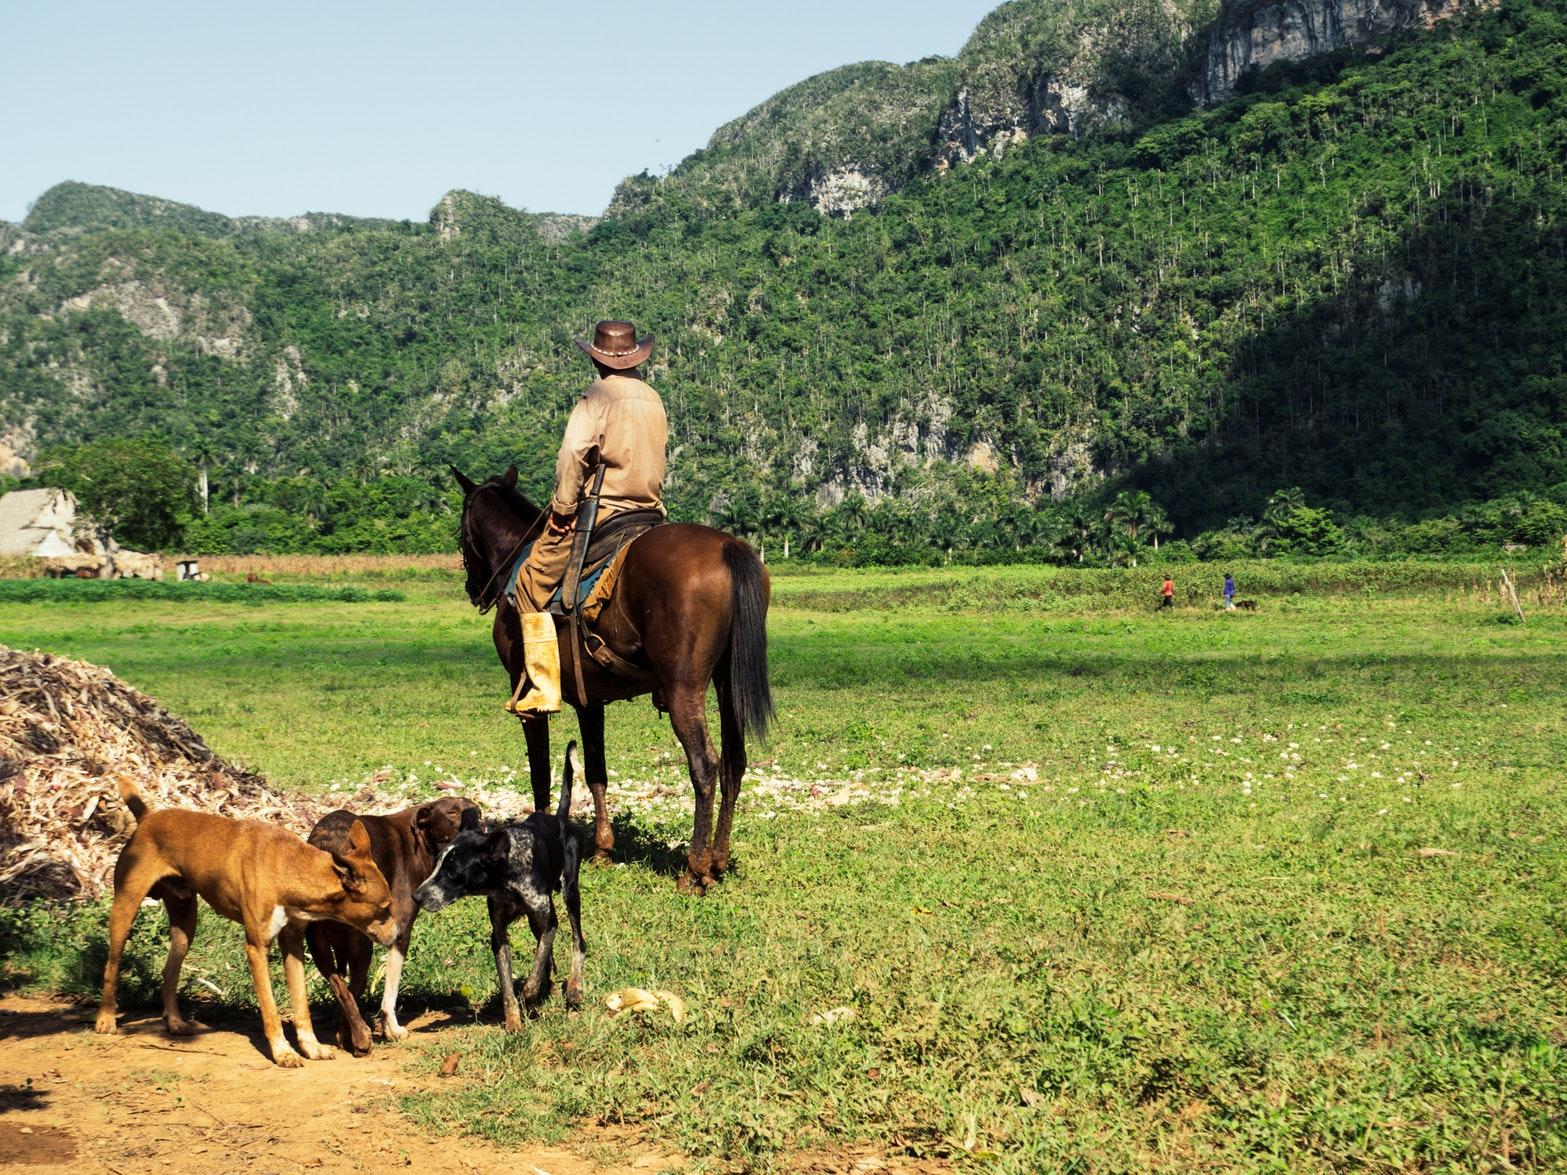 276a2293c ويمكنك استكشاف الوادي من خلال ركوب الخيل. وهو بالتأكيد واحد من الأشياء  الأكثر أصالة للقيام بها في كوبا.